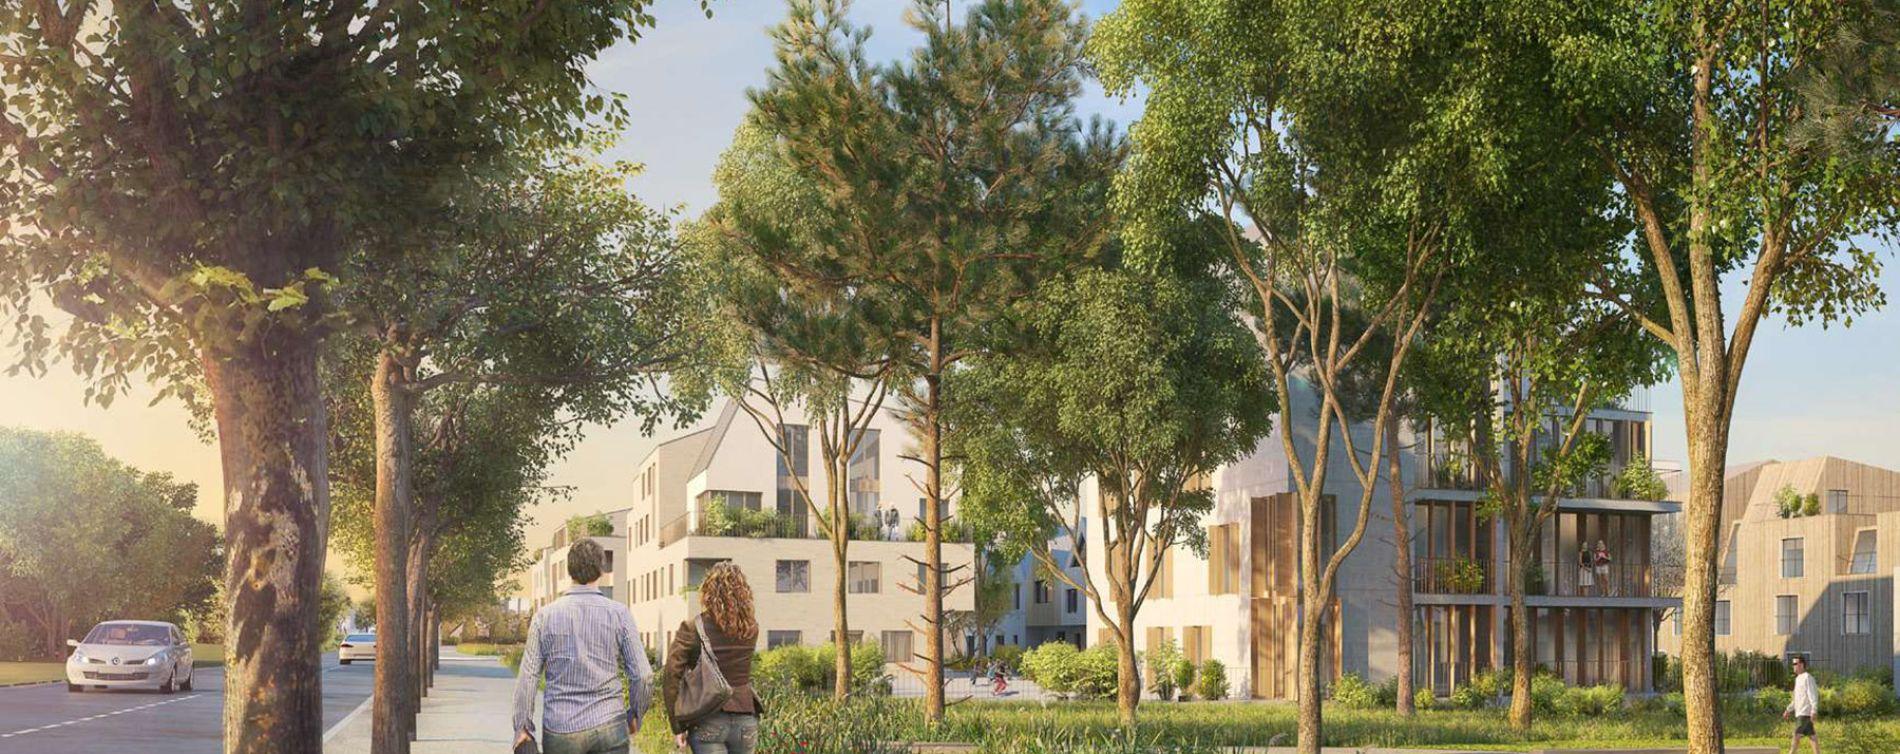 Résidence Les Nouveaux Jardins - Chemin des Fermes à Rungis